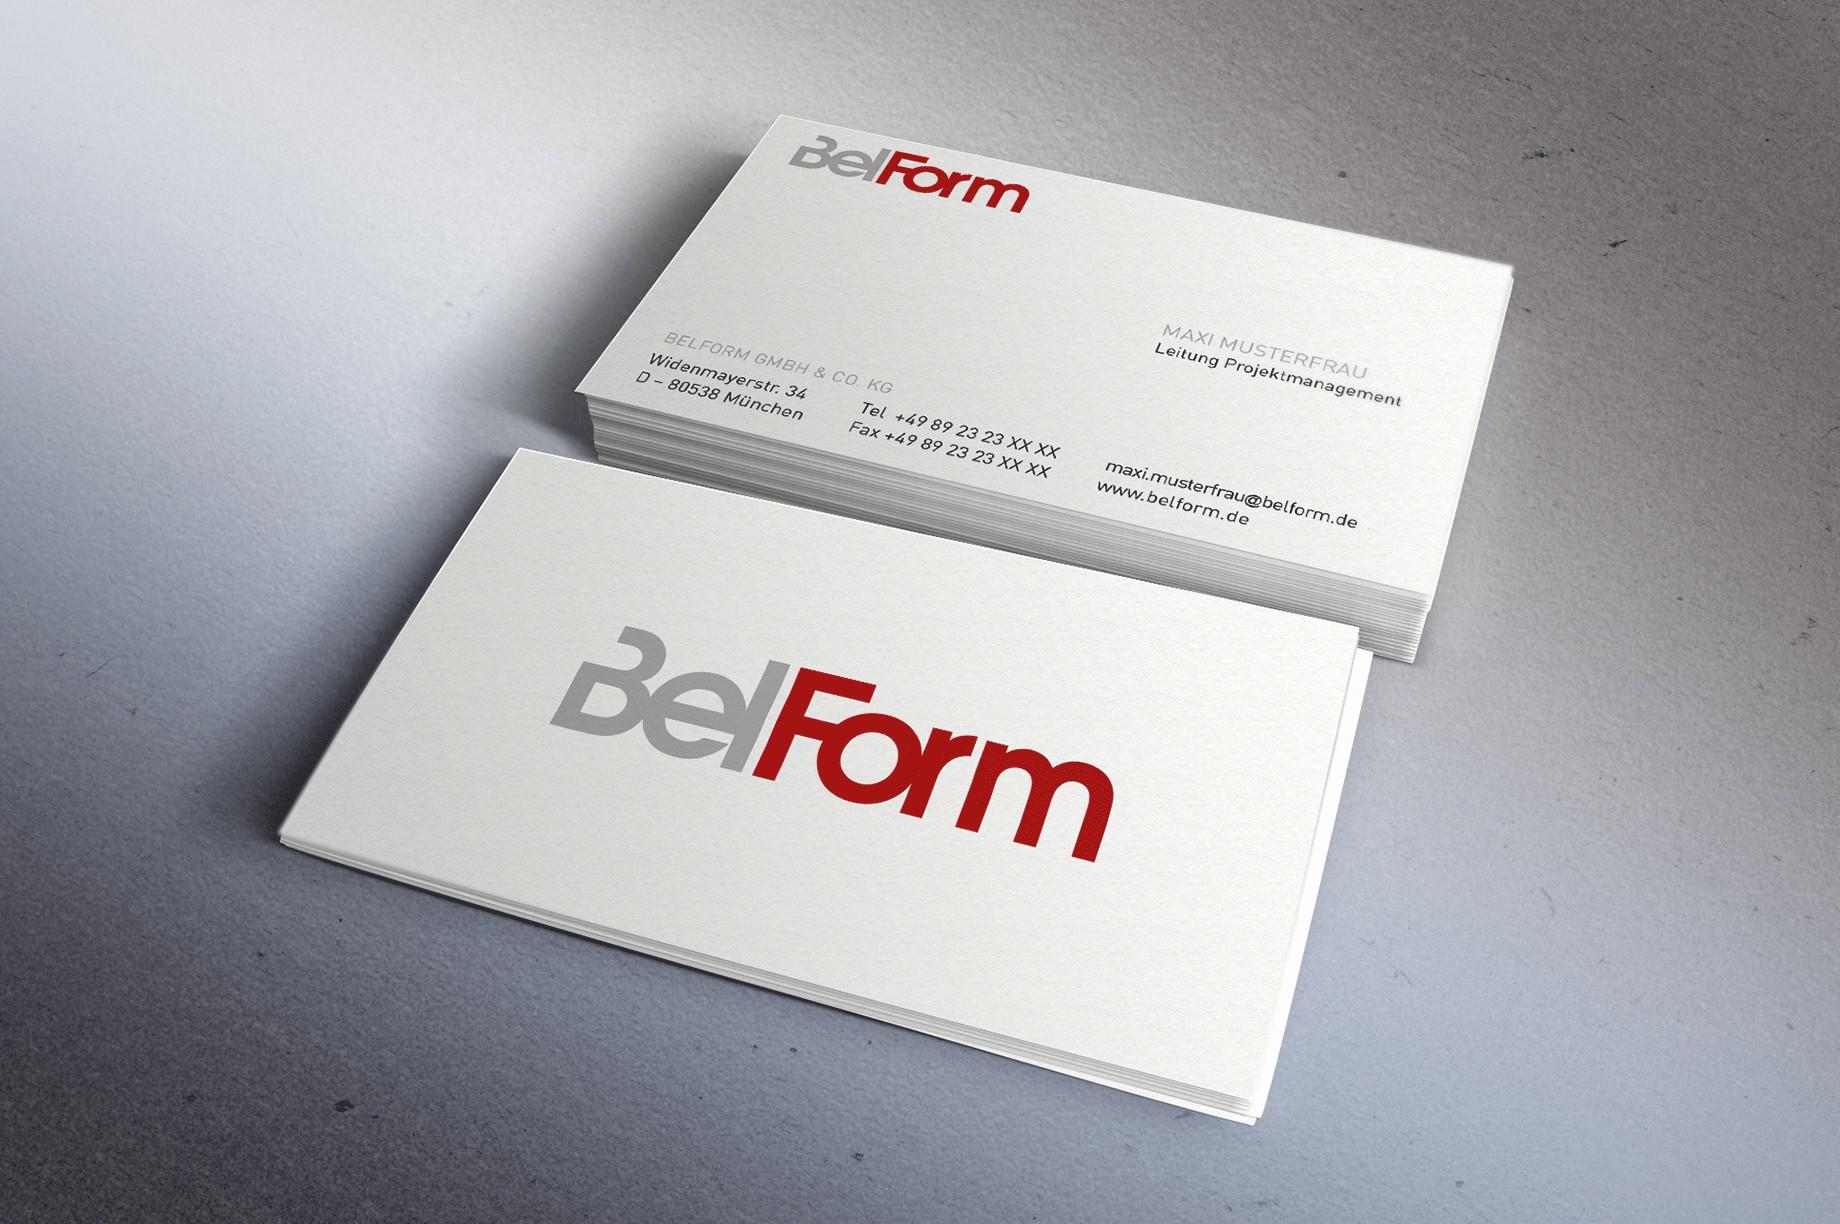 Visitenkarten Belform